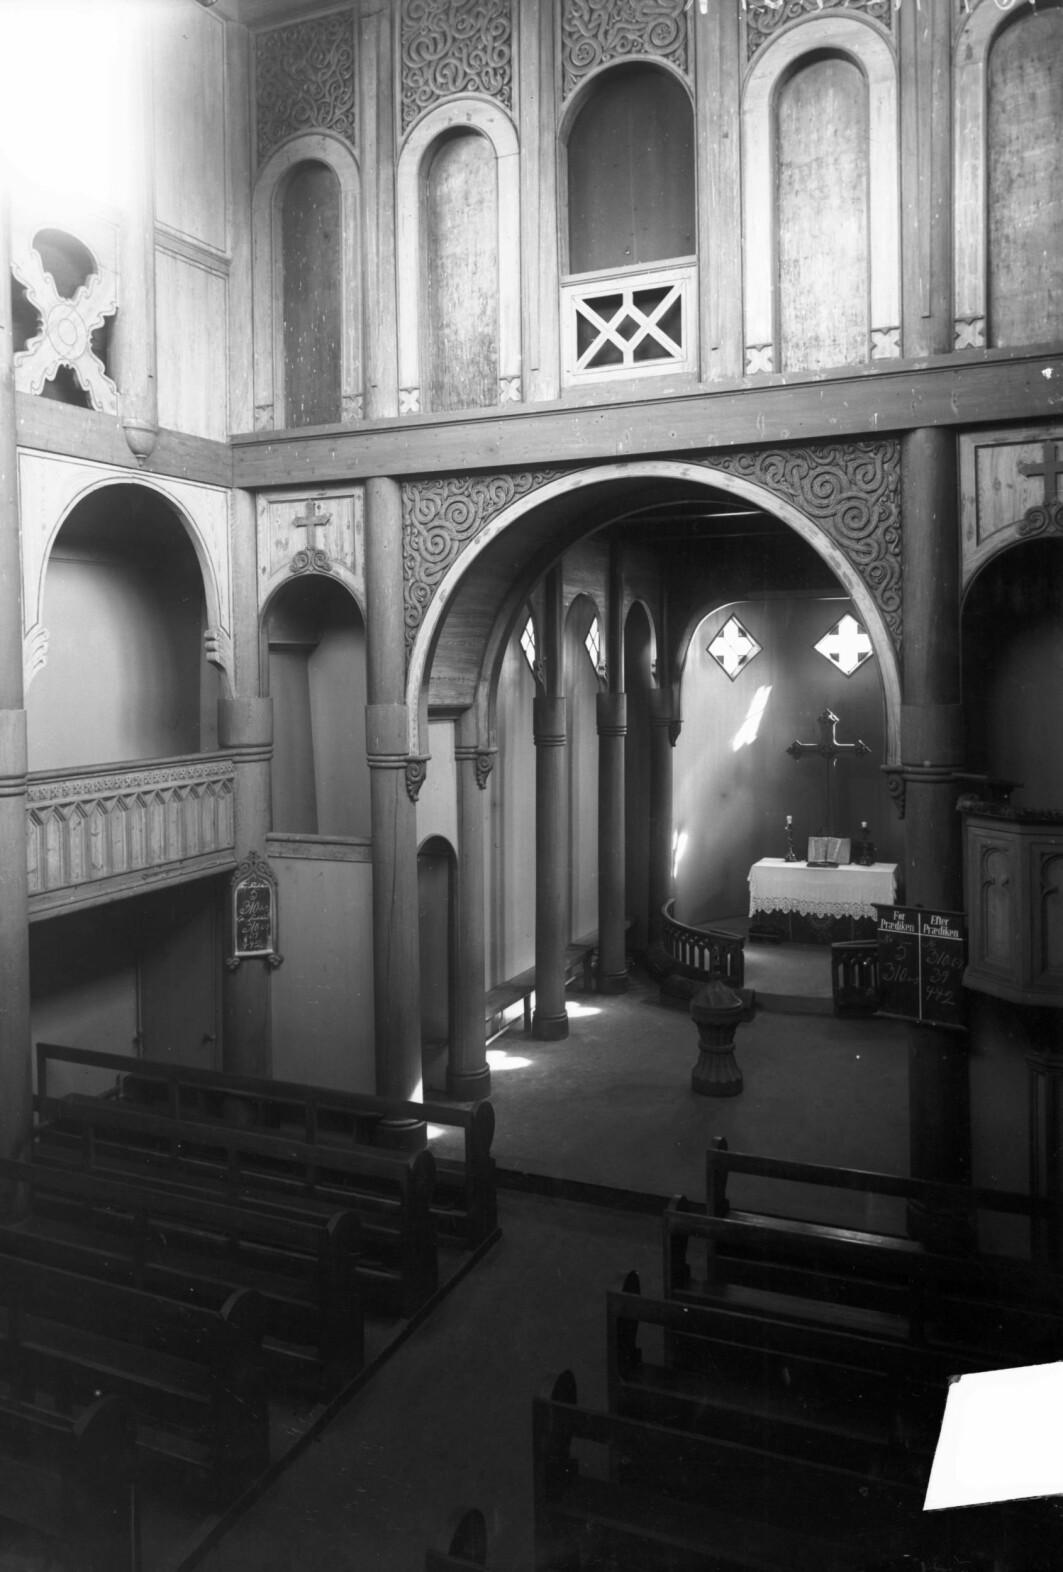 Før restaureringen på 1950-tallet bar Heddal stavkirke preg av å være modernisert. Middelalderen var godt gjemt.